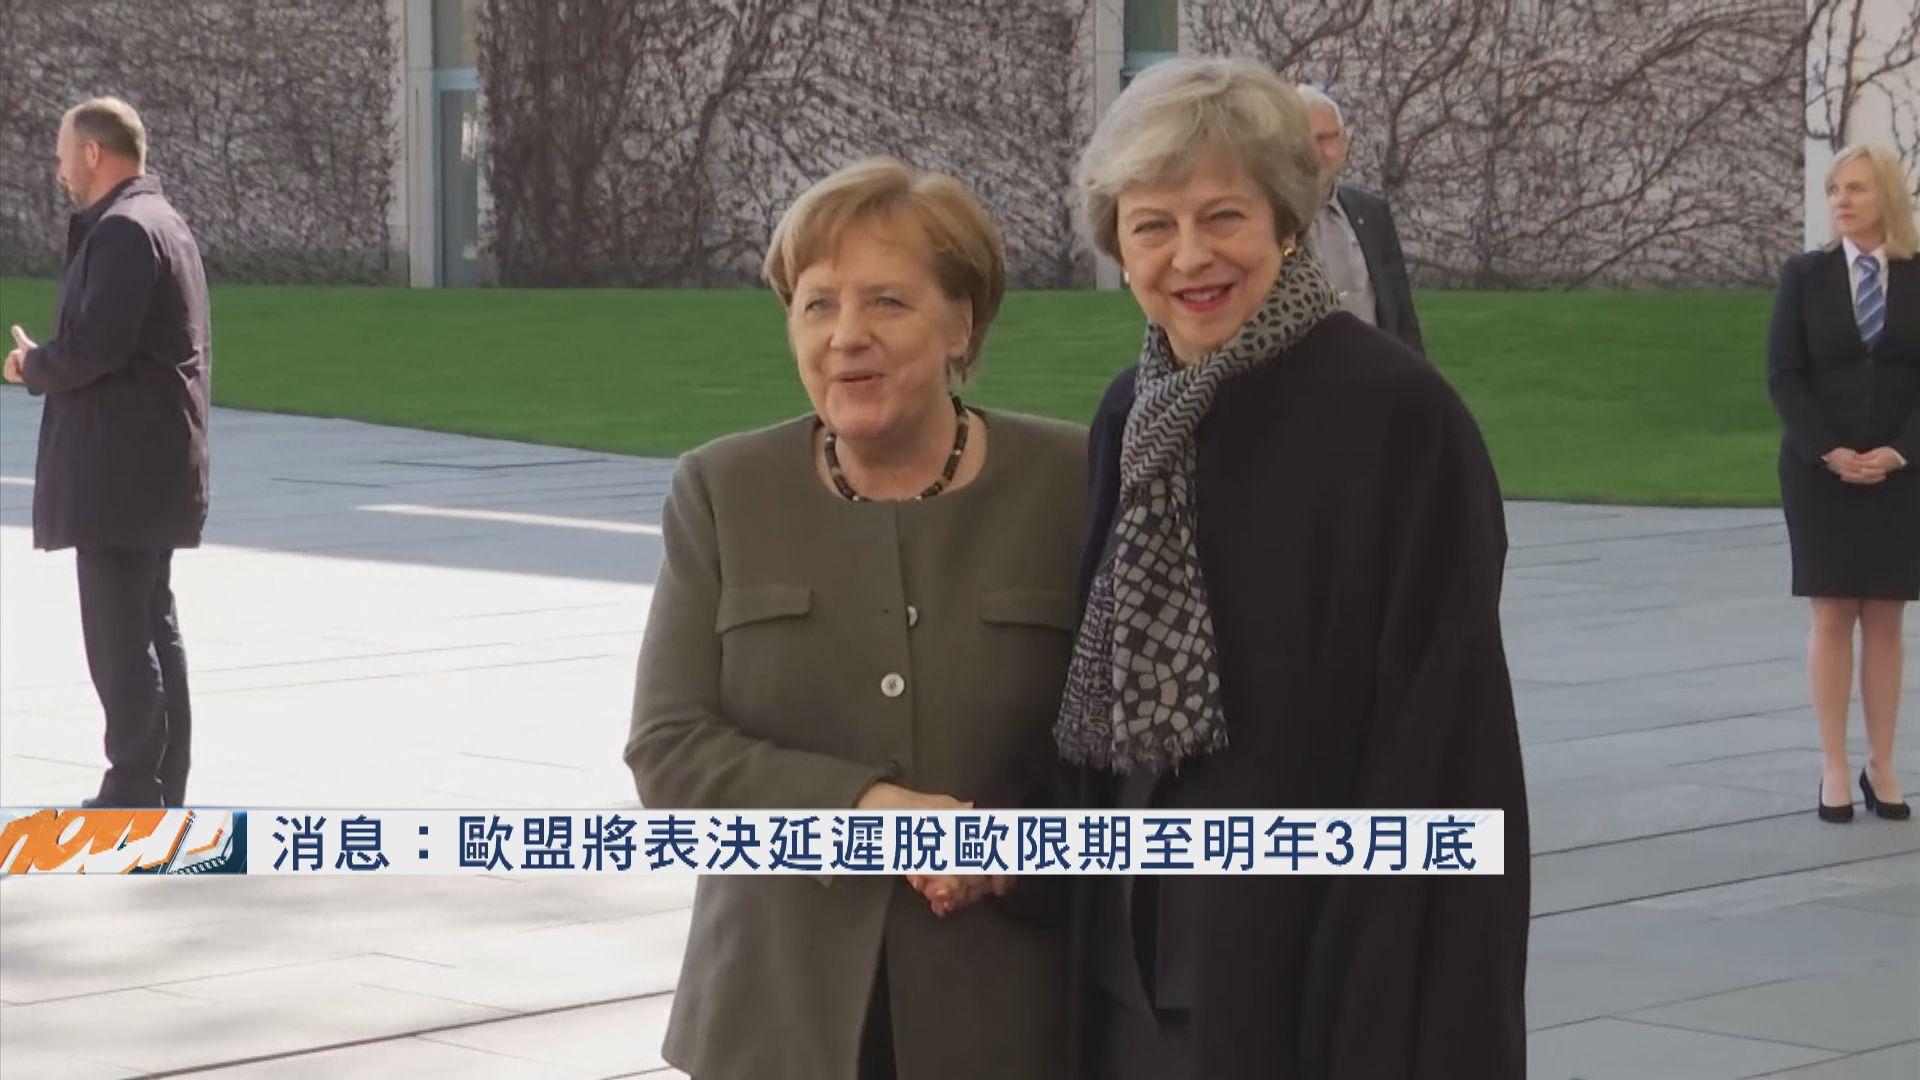 消息:歐盟將表決延遲脫歐限期至明年3月底